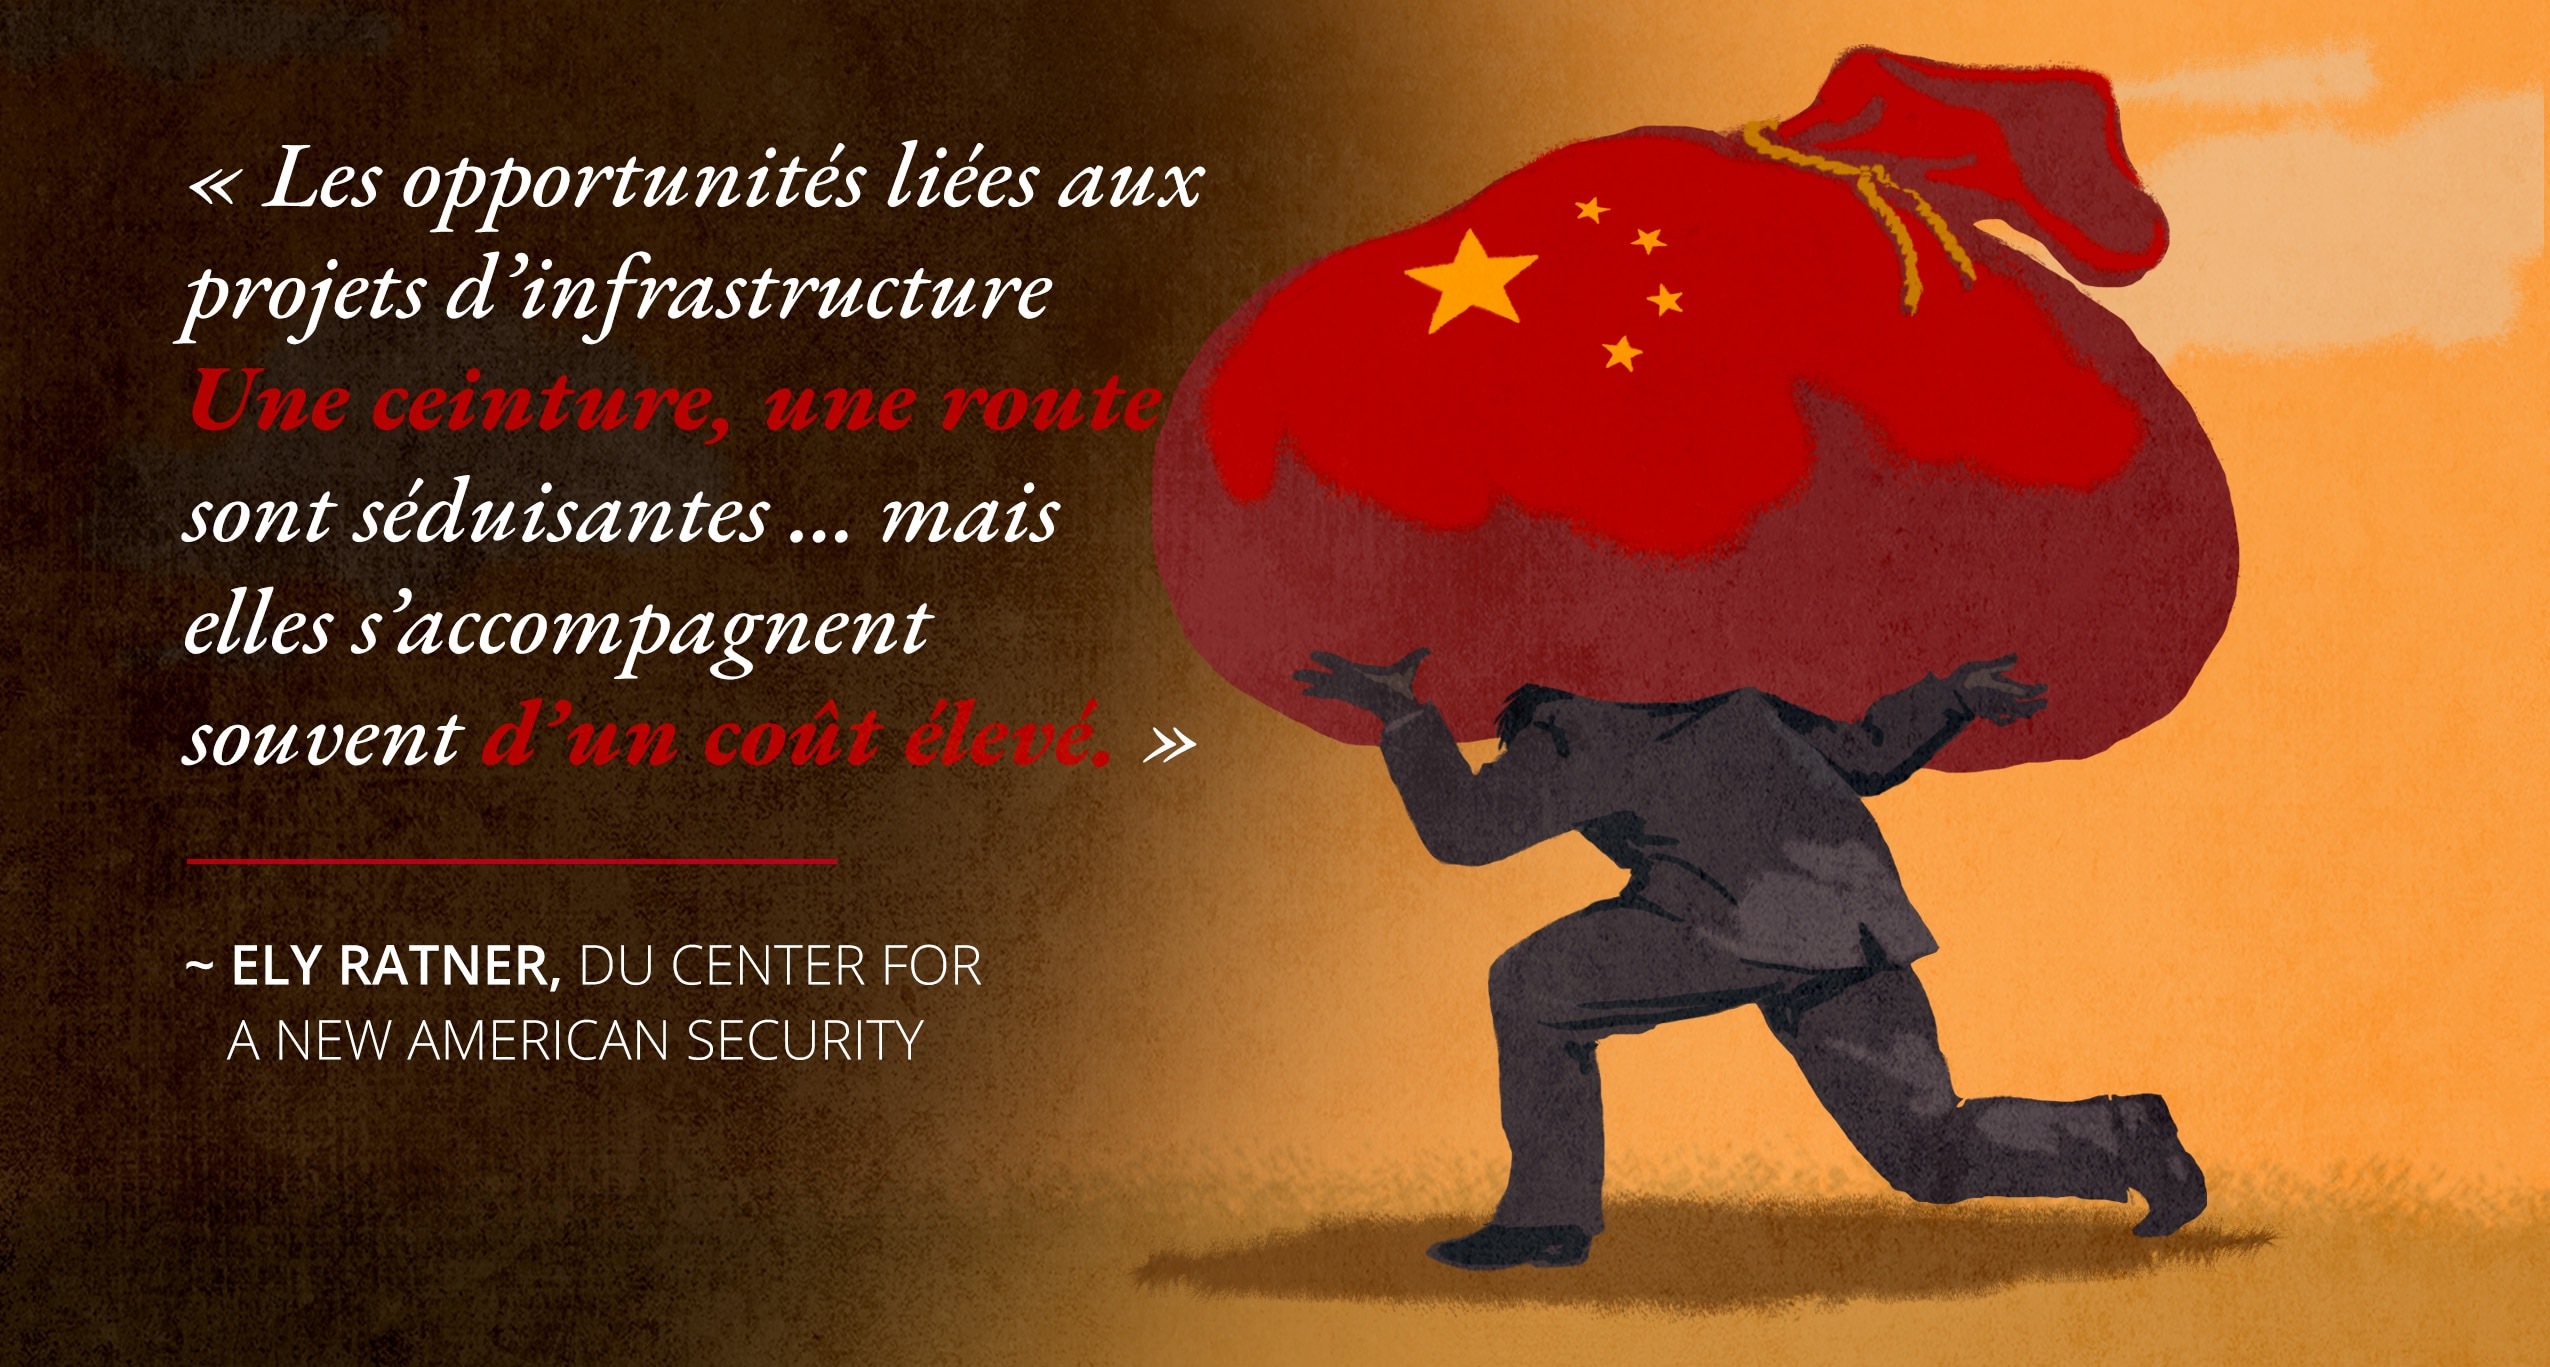 Illustration d'un homme portant péniblement un énorme sac d'argent, avec une citation sur le coût élevé des projets d'infrastructure financés par la Chine (Département d'État/D. Thompson)